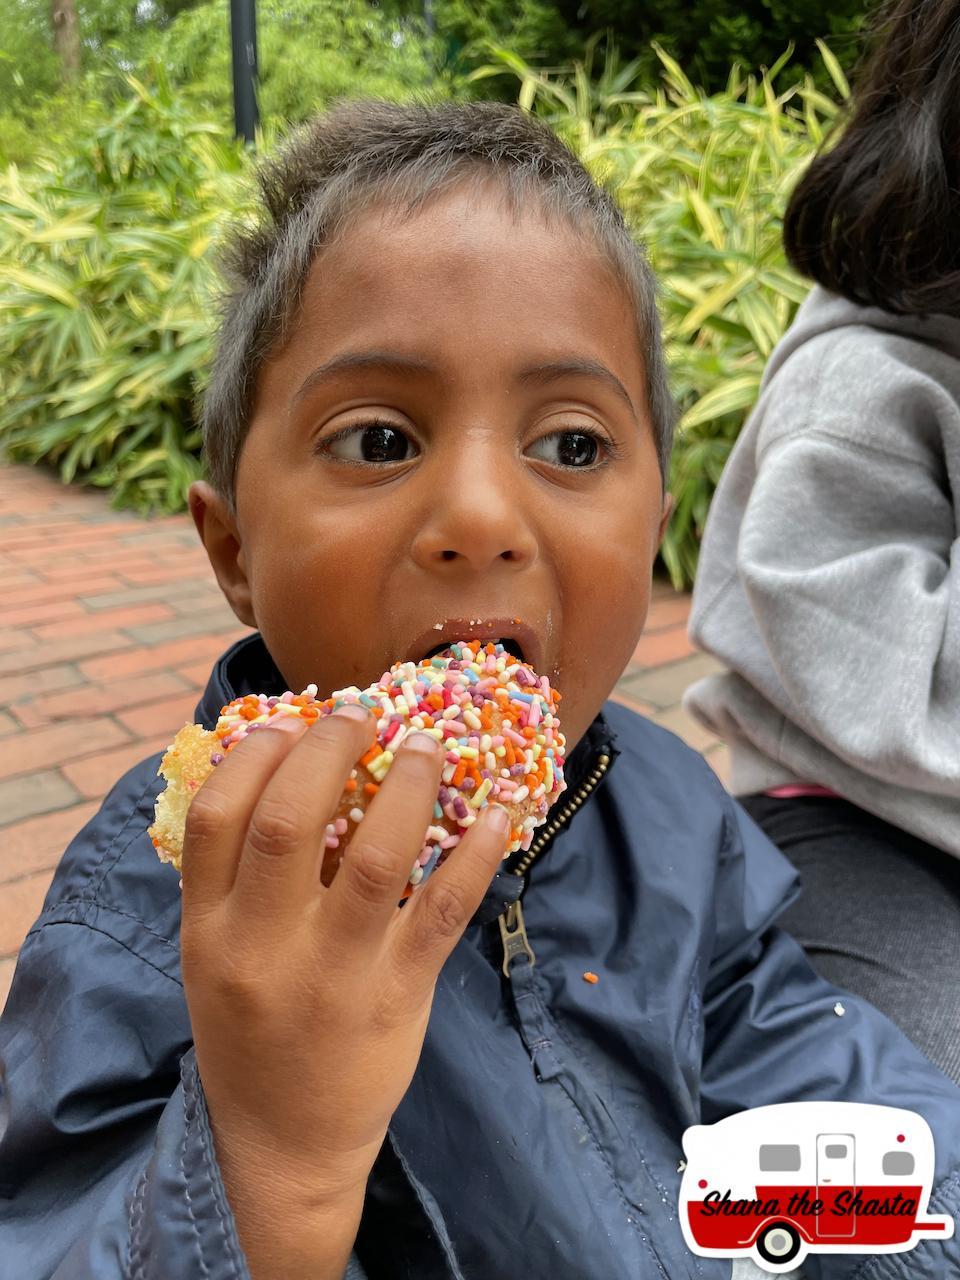 Sprinkled-Dunkin-Donut